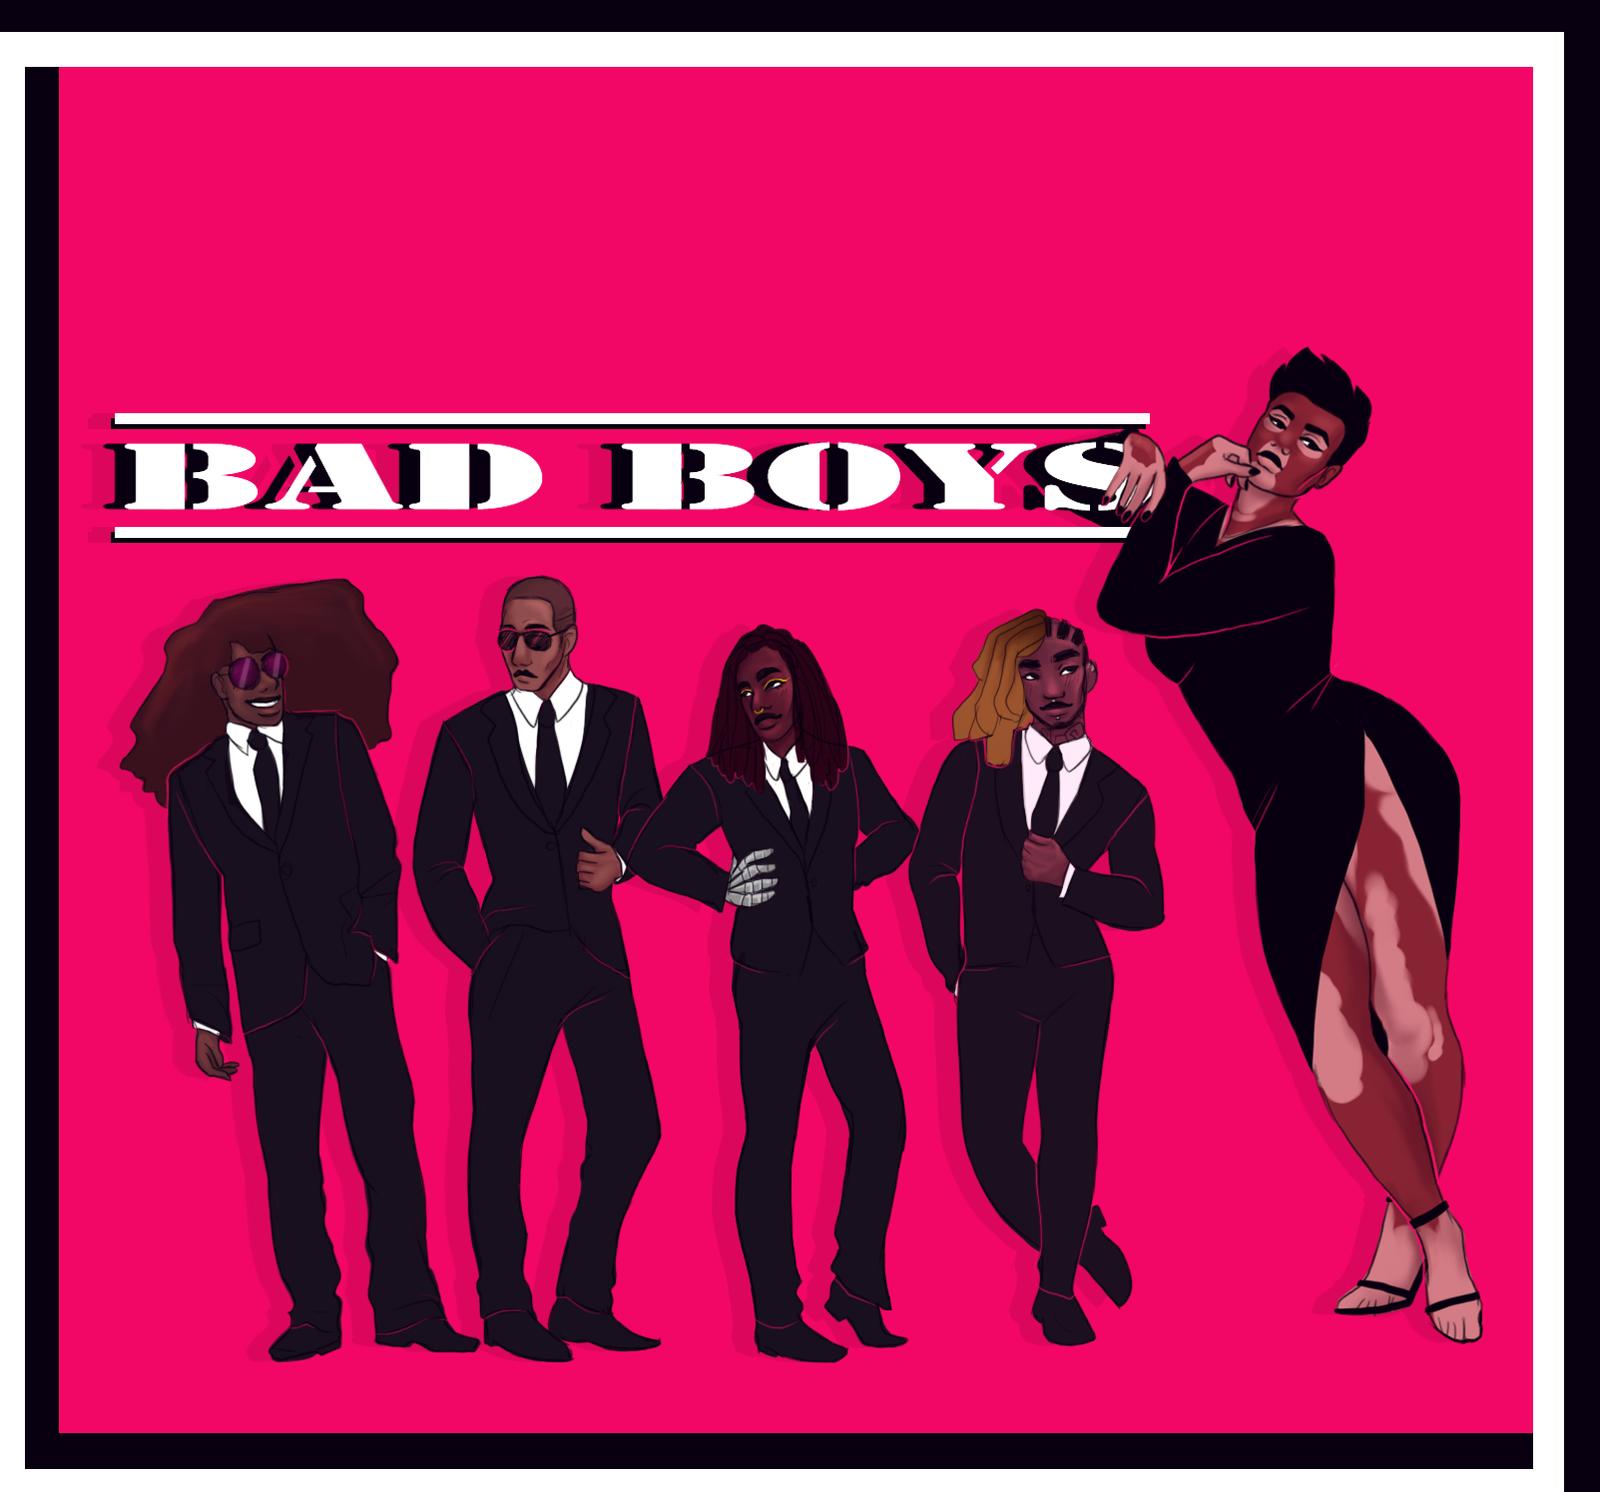 Album Cover clipart bad On Bad album album by